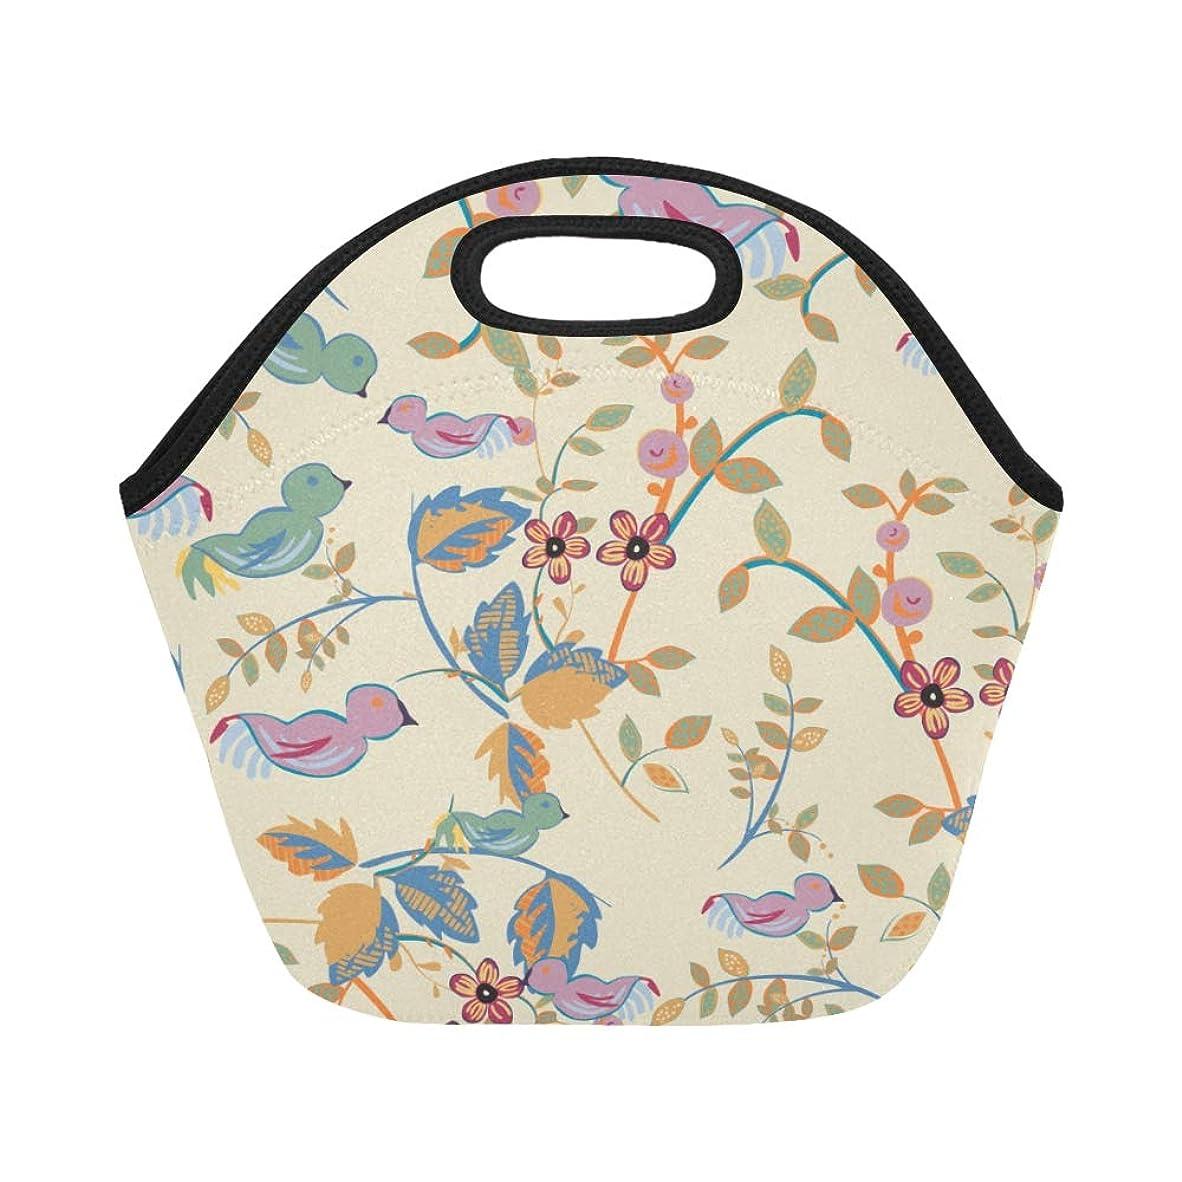 救援緑流DMHYJ ランチバッグ 美しい花 アニメーション鳥 弁当袋 お弁当入れ 保温保冷 トート 弁当バッグ 大容量 トートバッグ